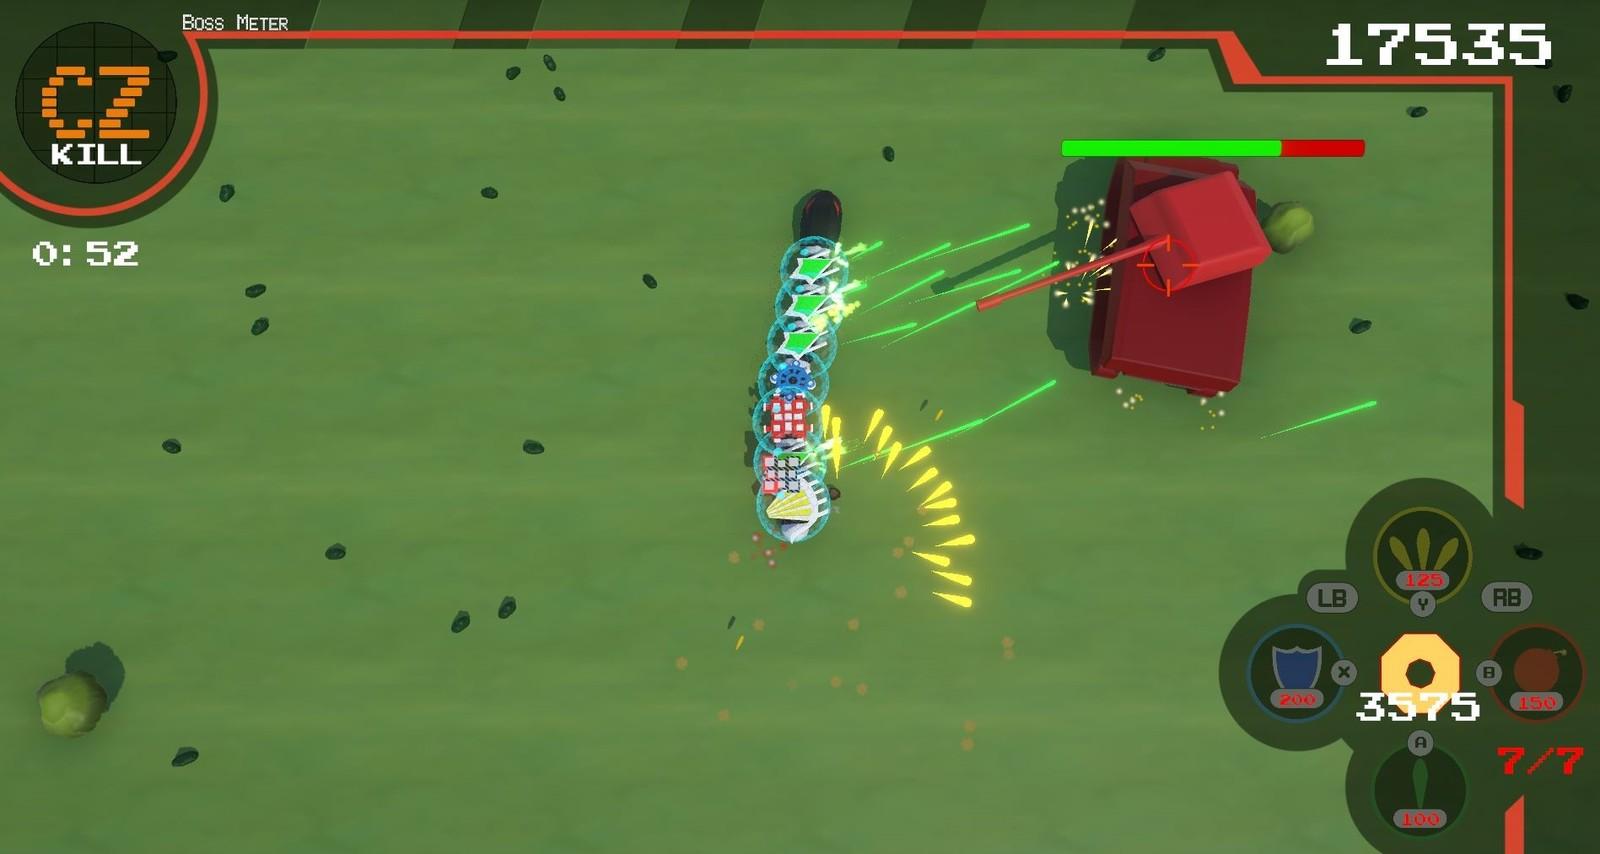 In-Game Snapshot of Mini Boss